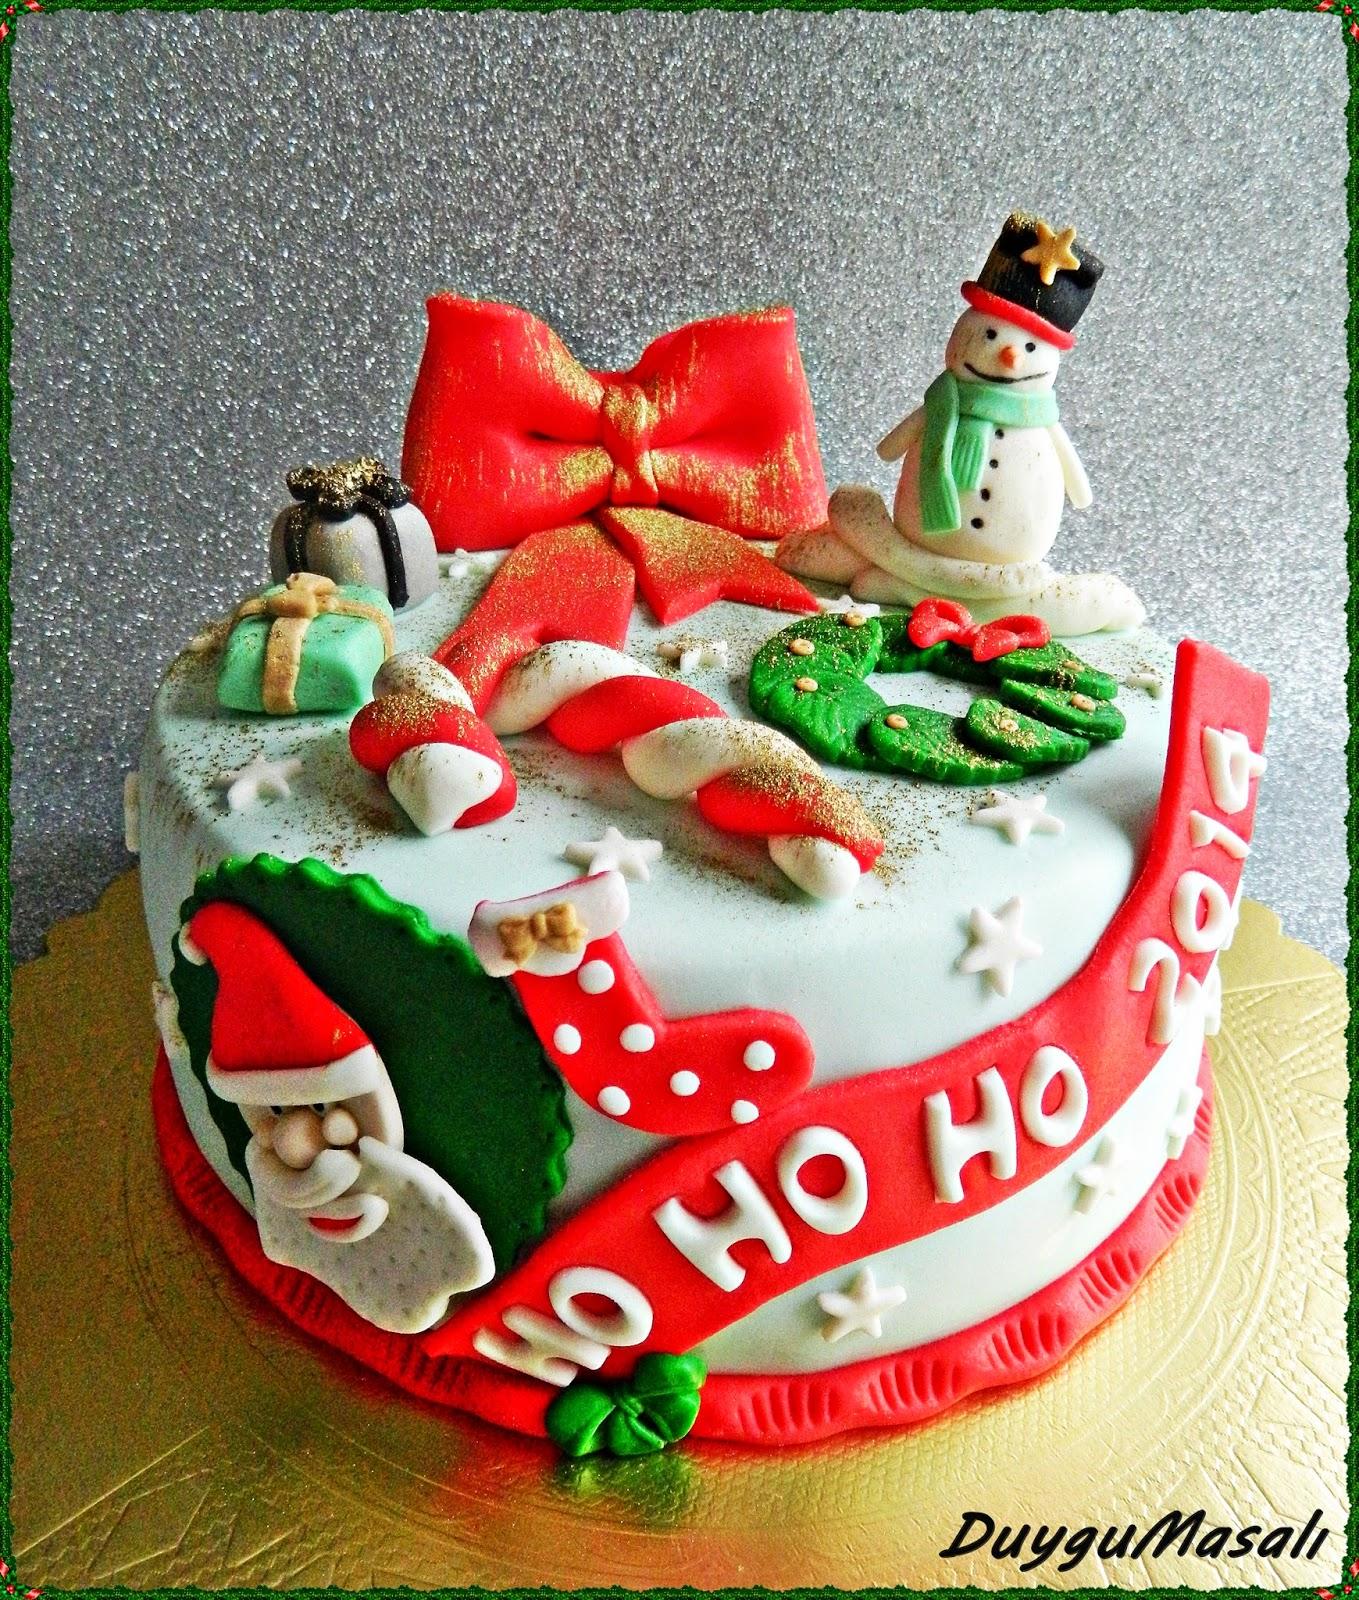 edirne yılbaşı butik pasta